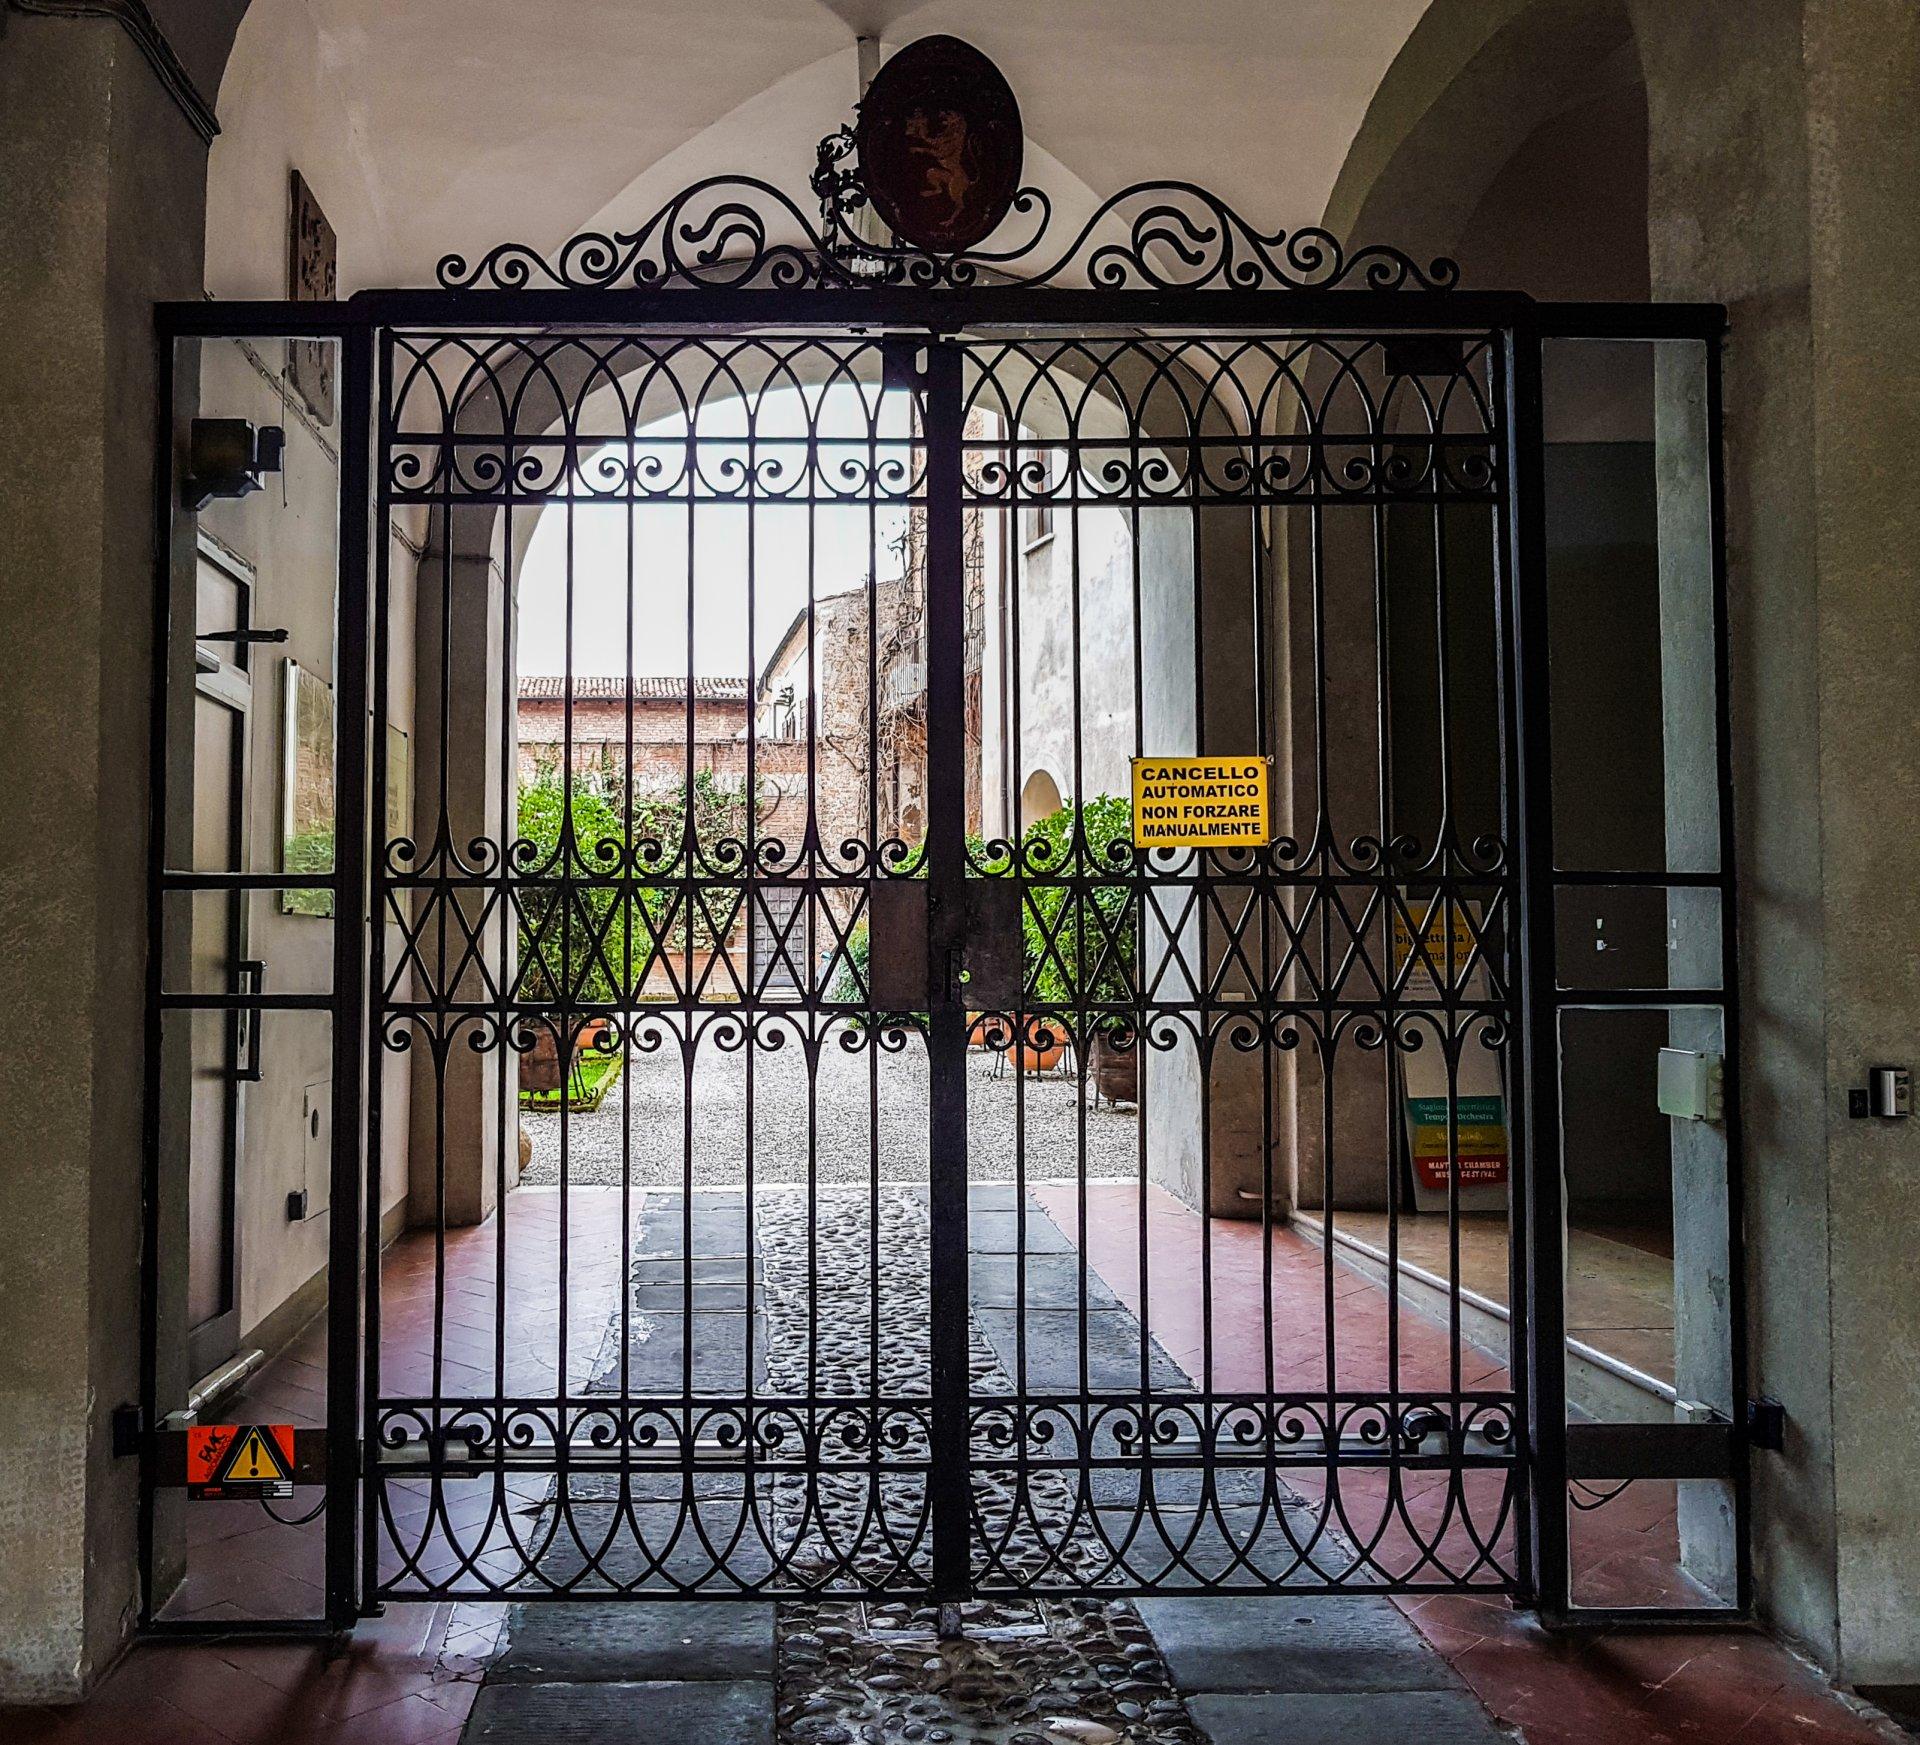 assistenza tecnica Came cancello oleodinamico a battente Mantova